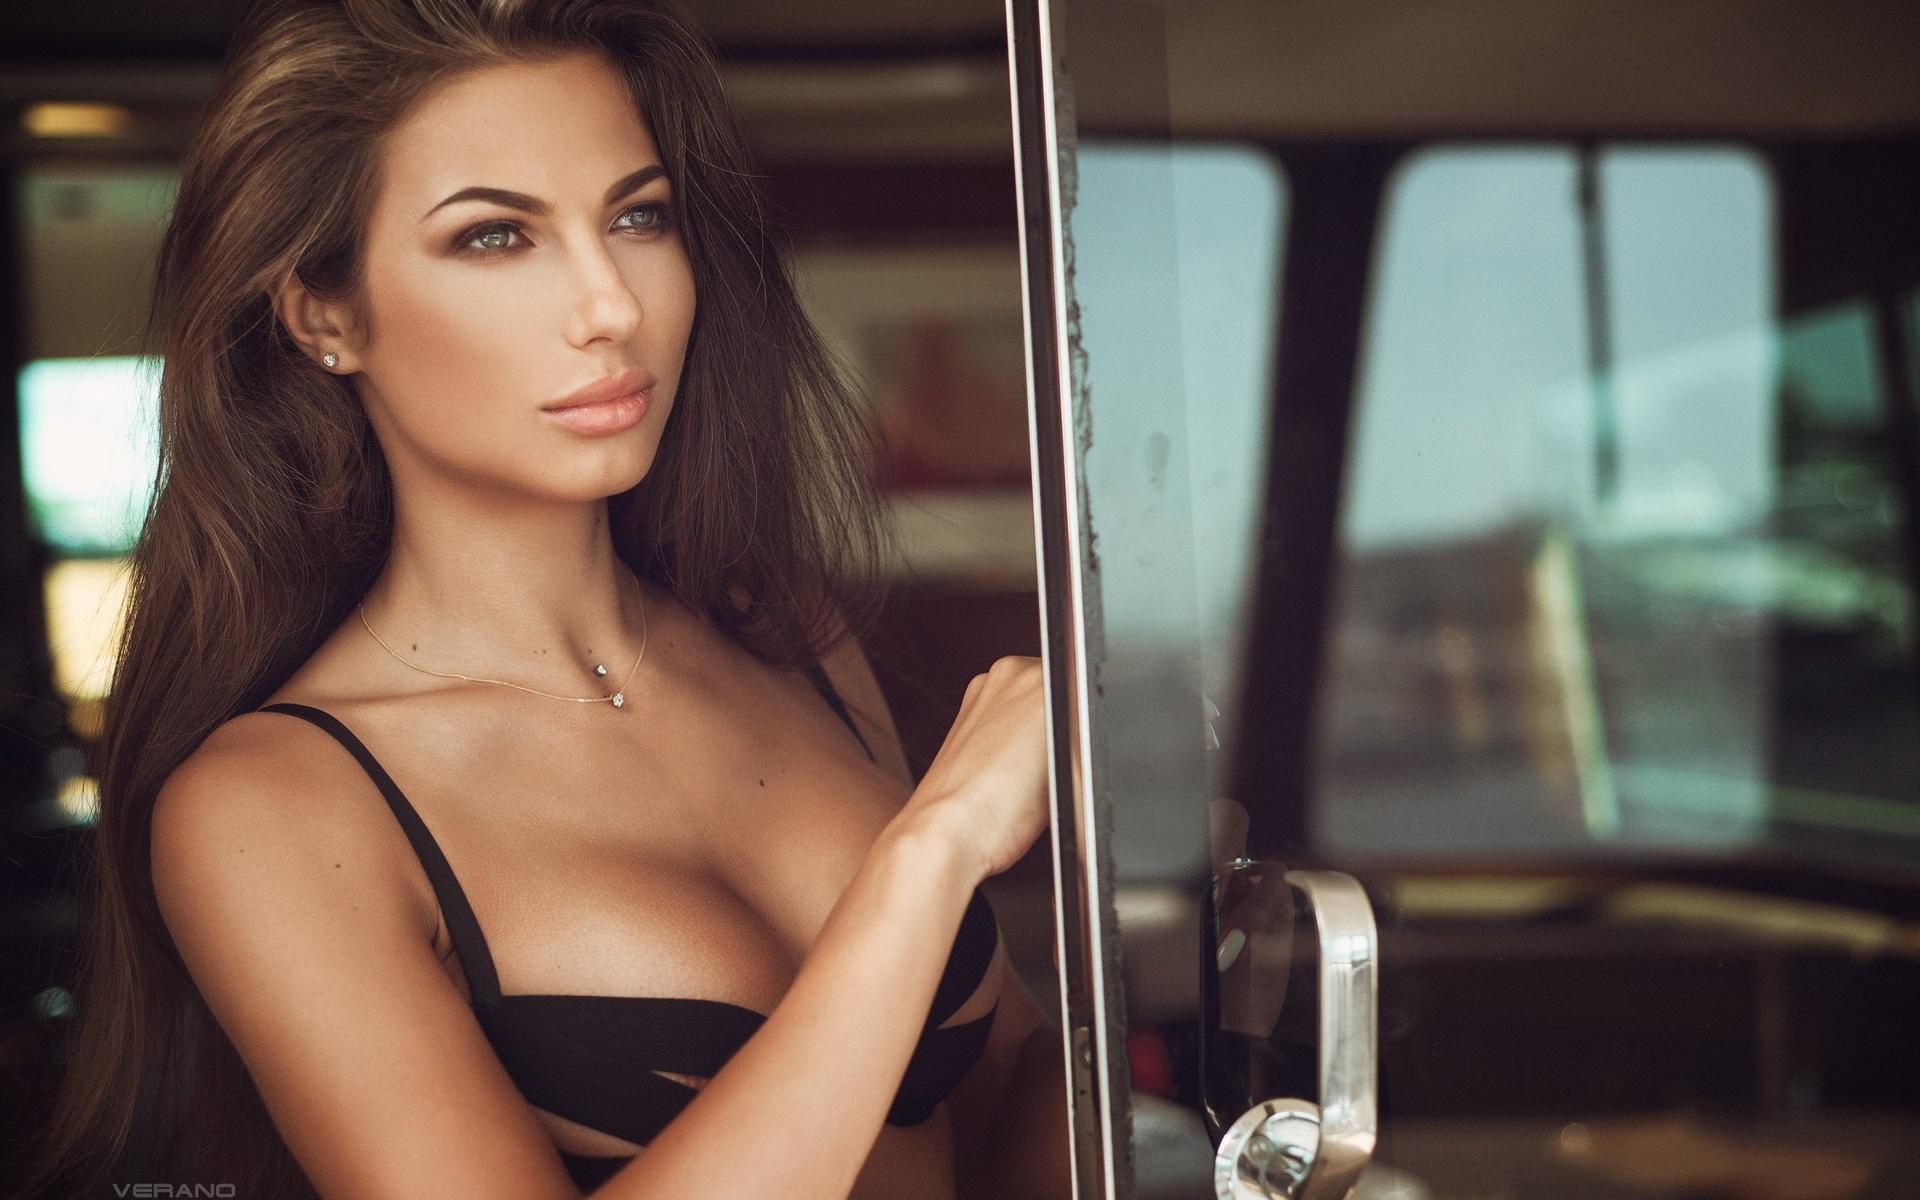 Дарья шашина - биография, информация, личная жизнь, фото, видео